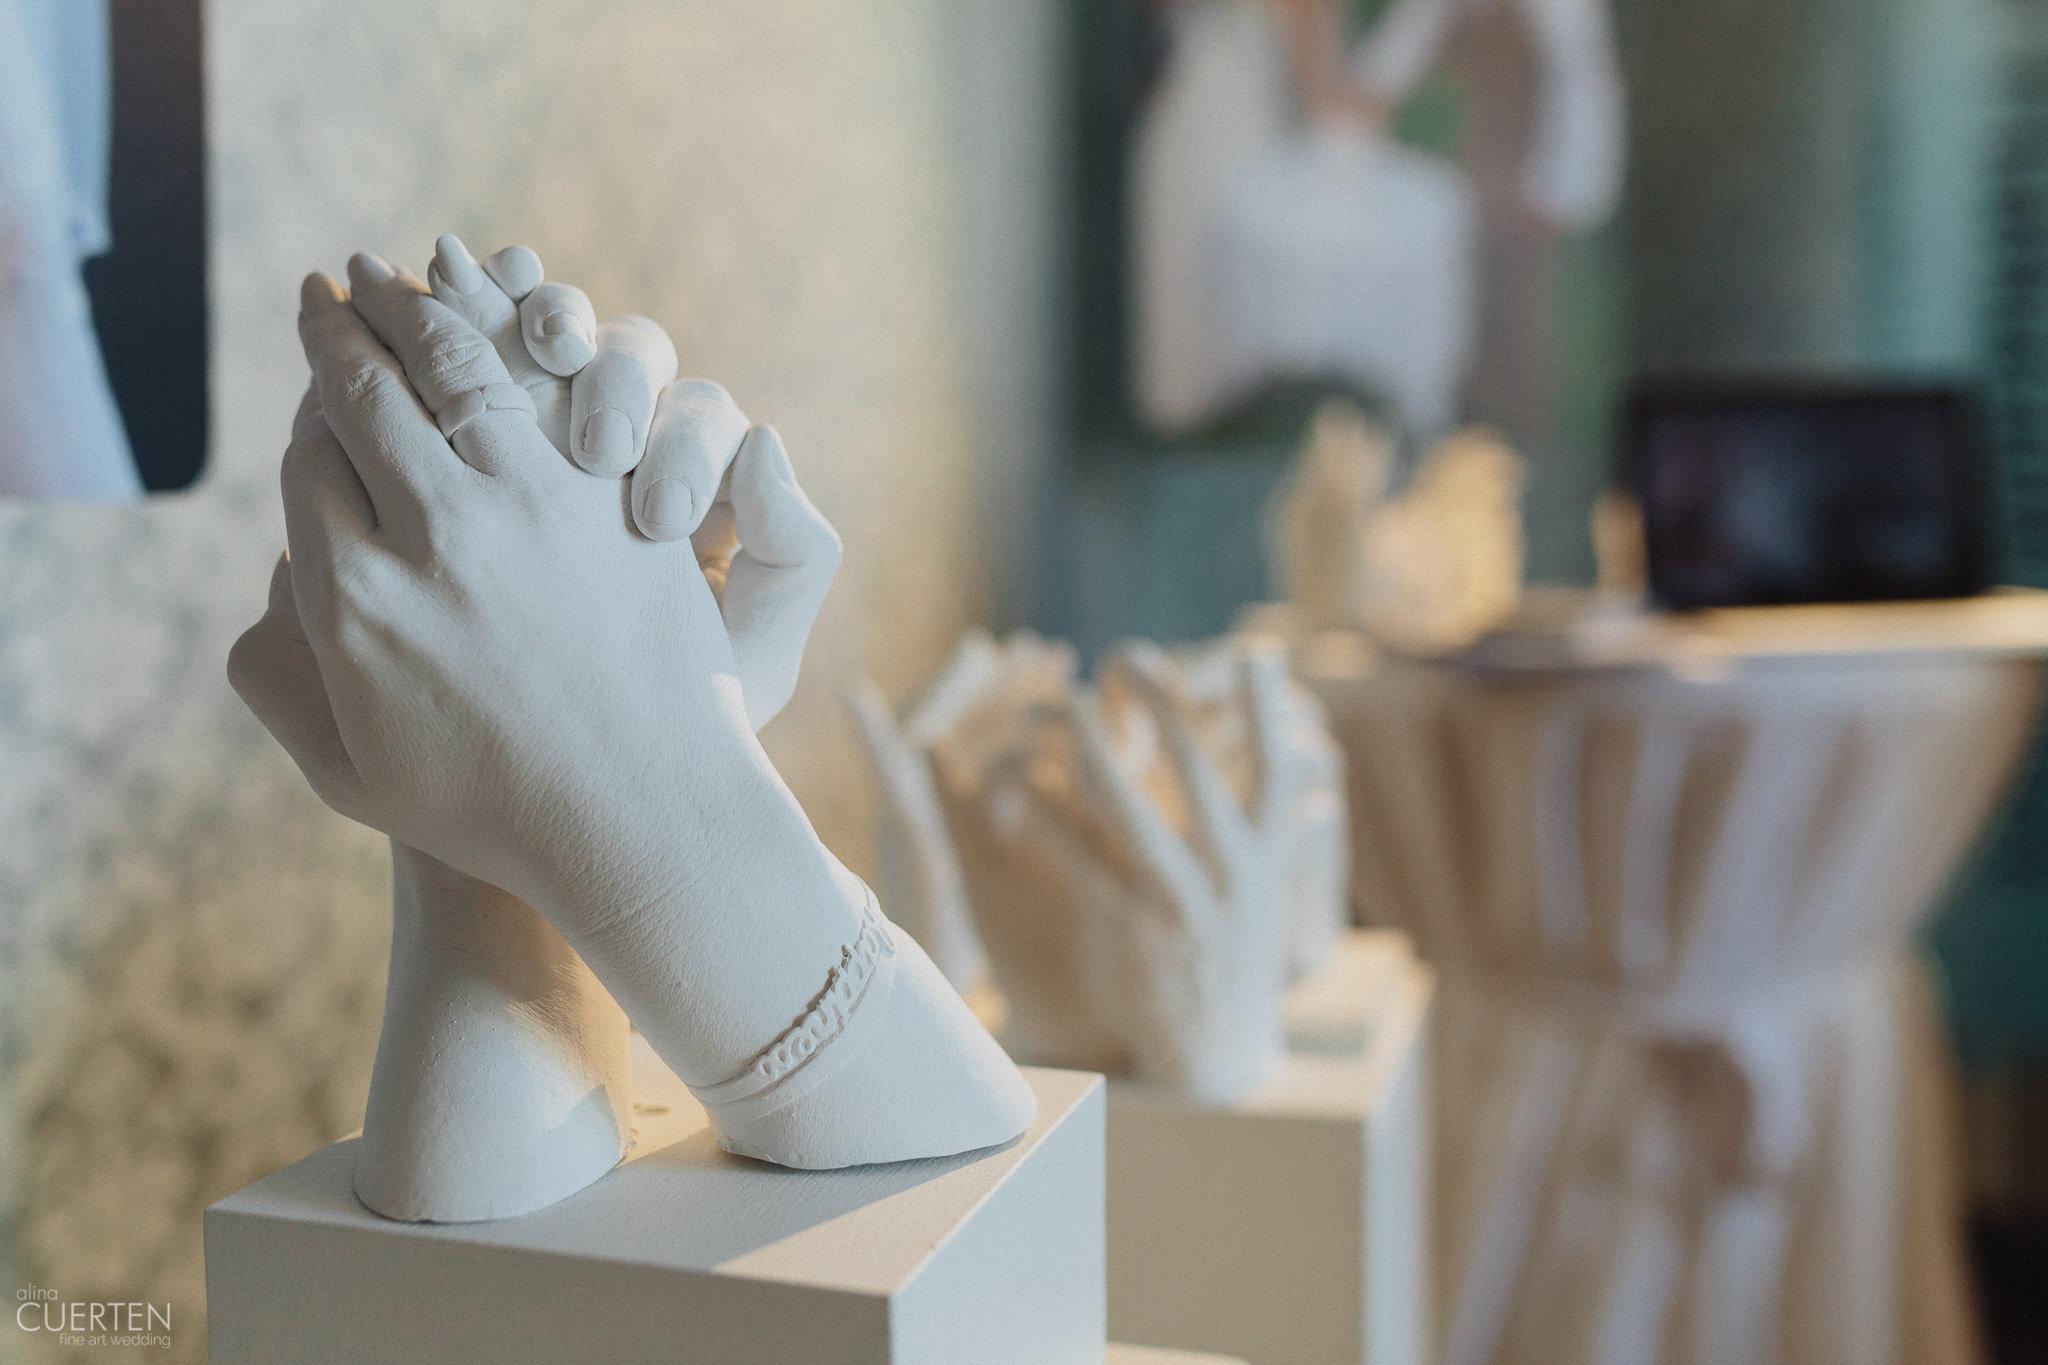 Tatsaechlich Liebe Hochzeitsmesse 042 Foto alina CUERTEN fine art wedding